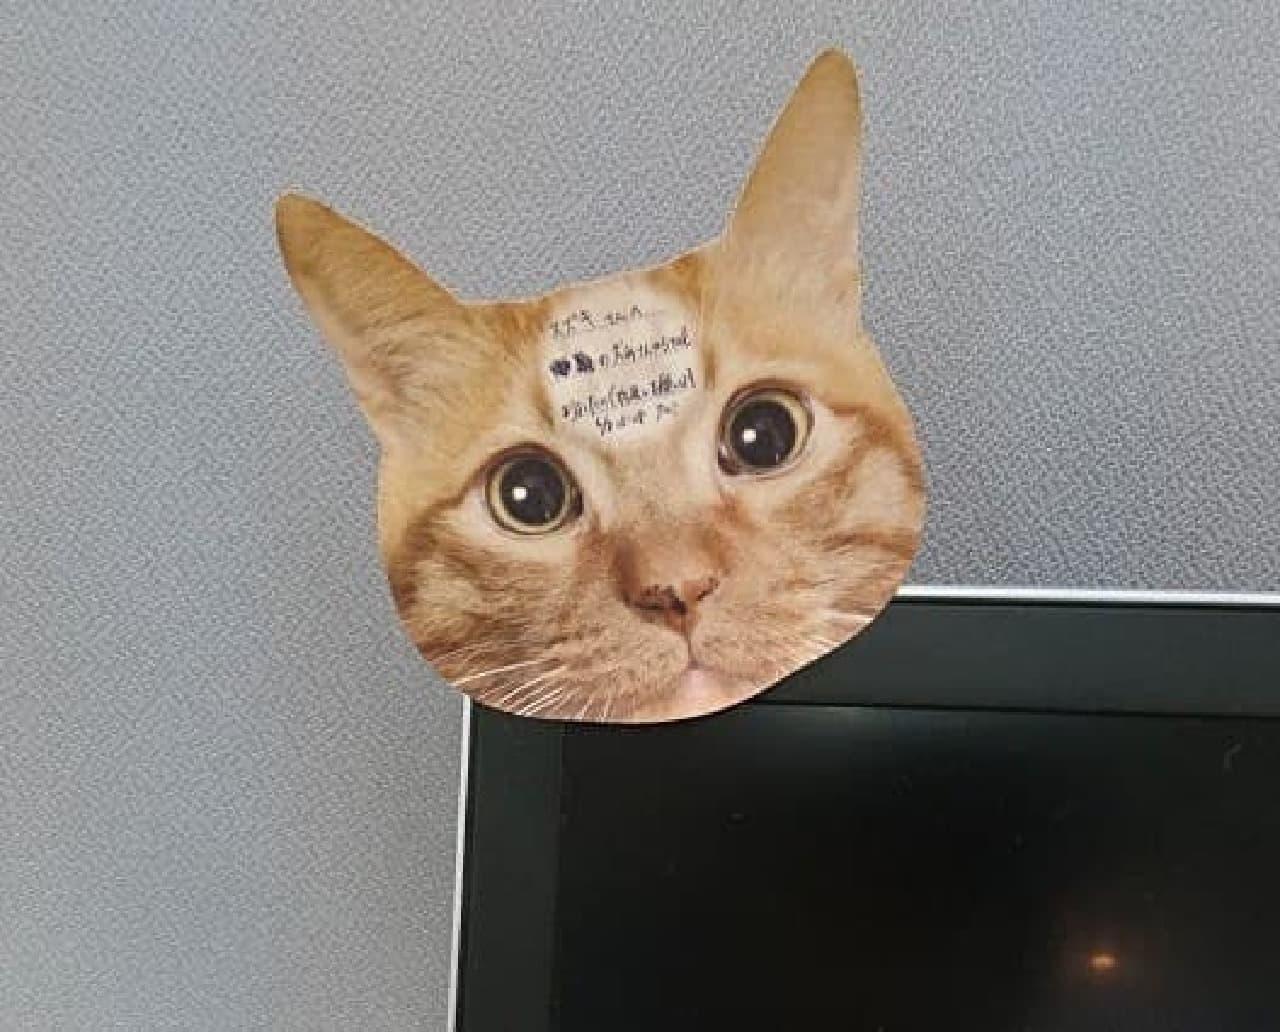 「猫のひたい 付箋メモ」で、伝言を伝えるテクニック2 細かい文字で